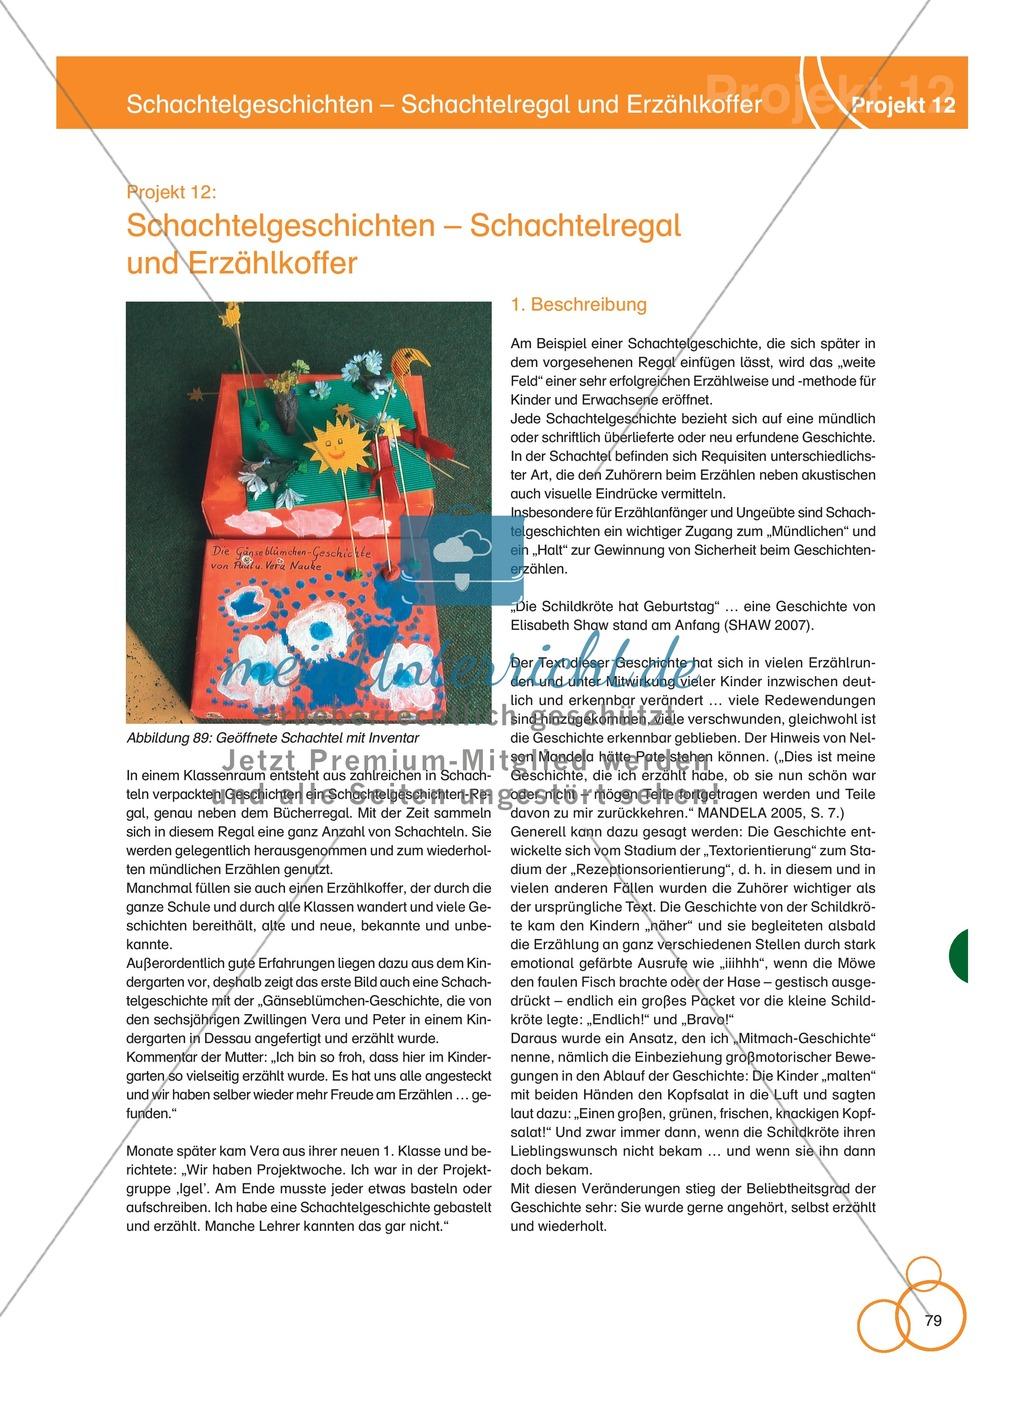 Projekt 12: Schachtelgeschichten - Schachtelregal und Erzählkoffer Preview 0